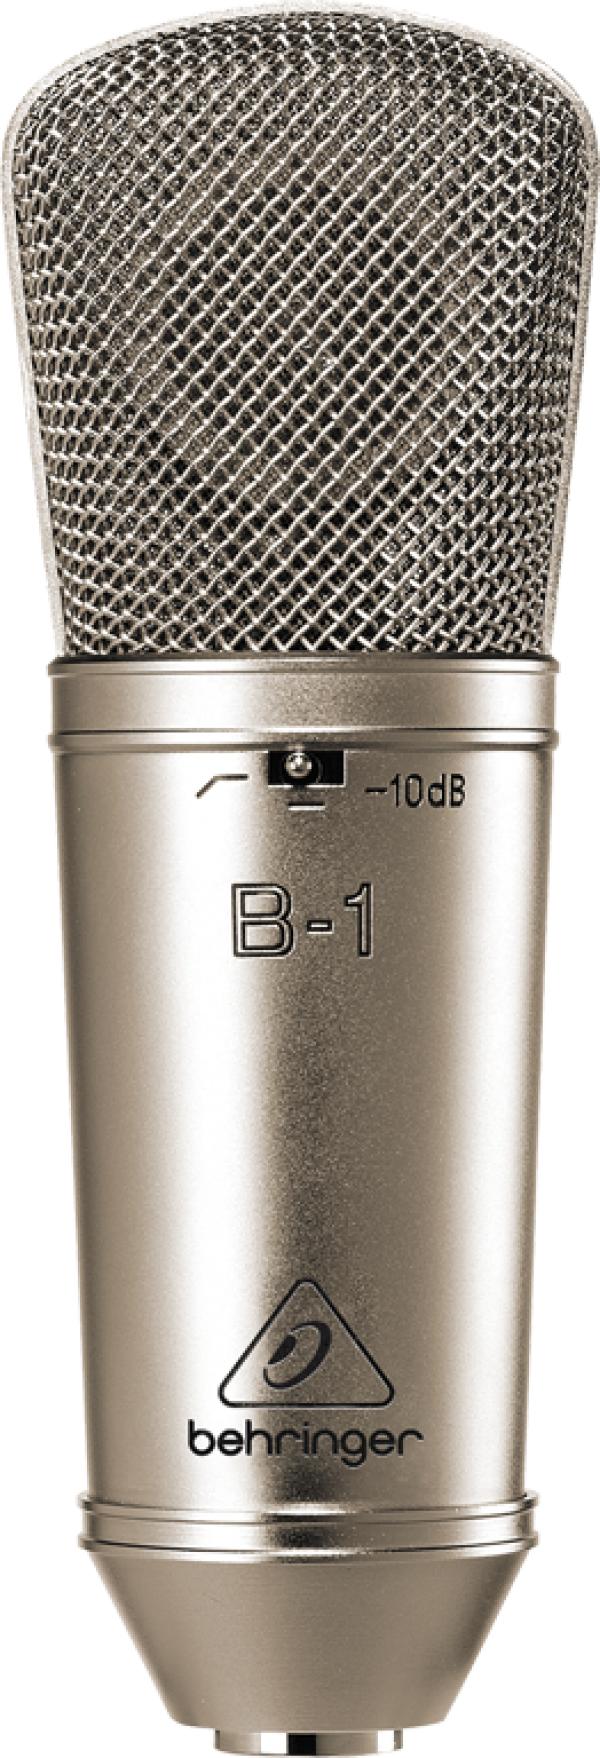 BEHRINGER(ベリンガー) B-1